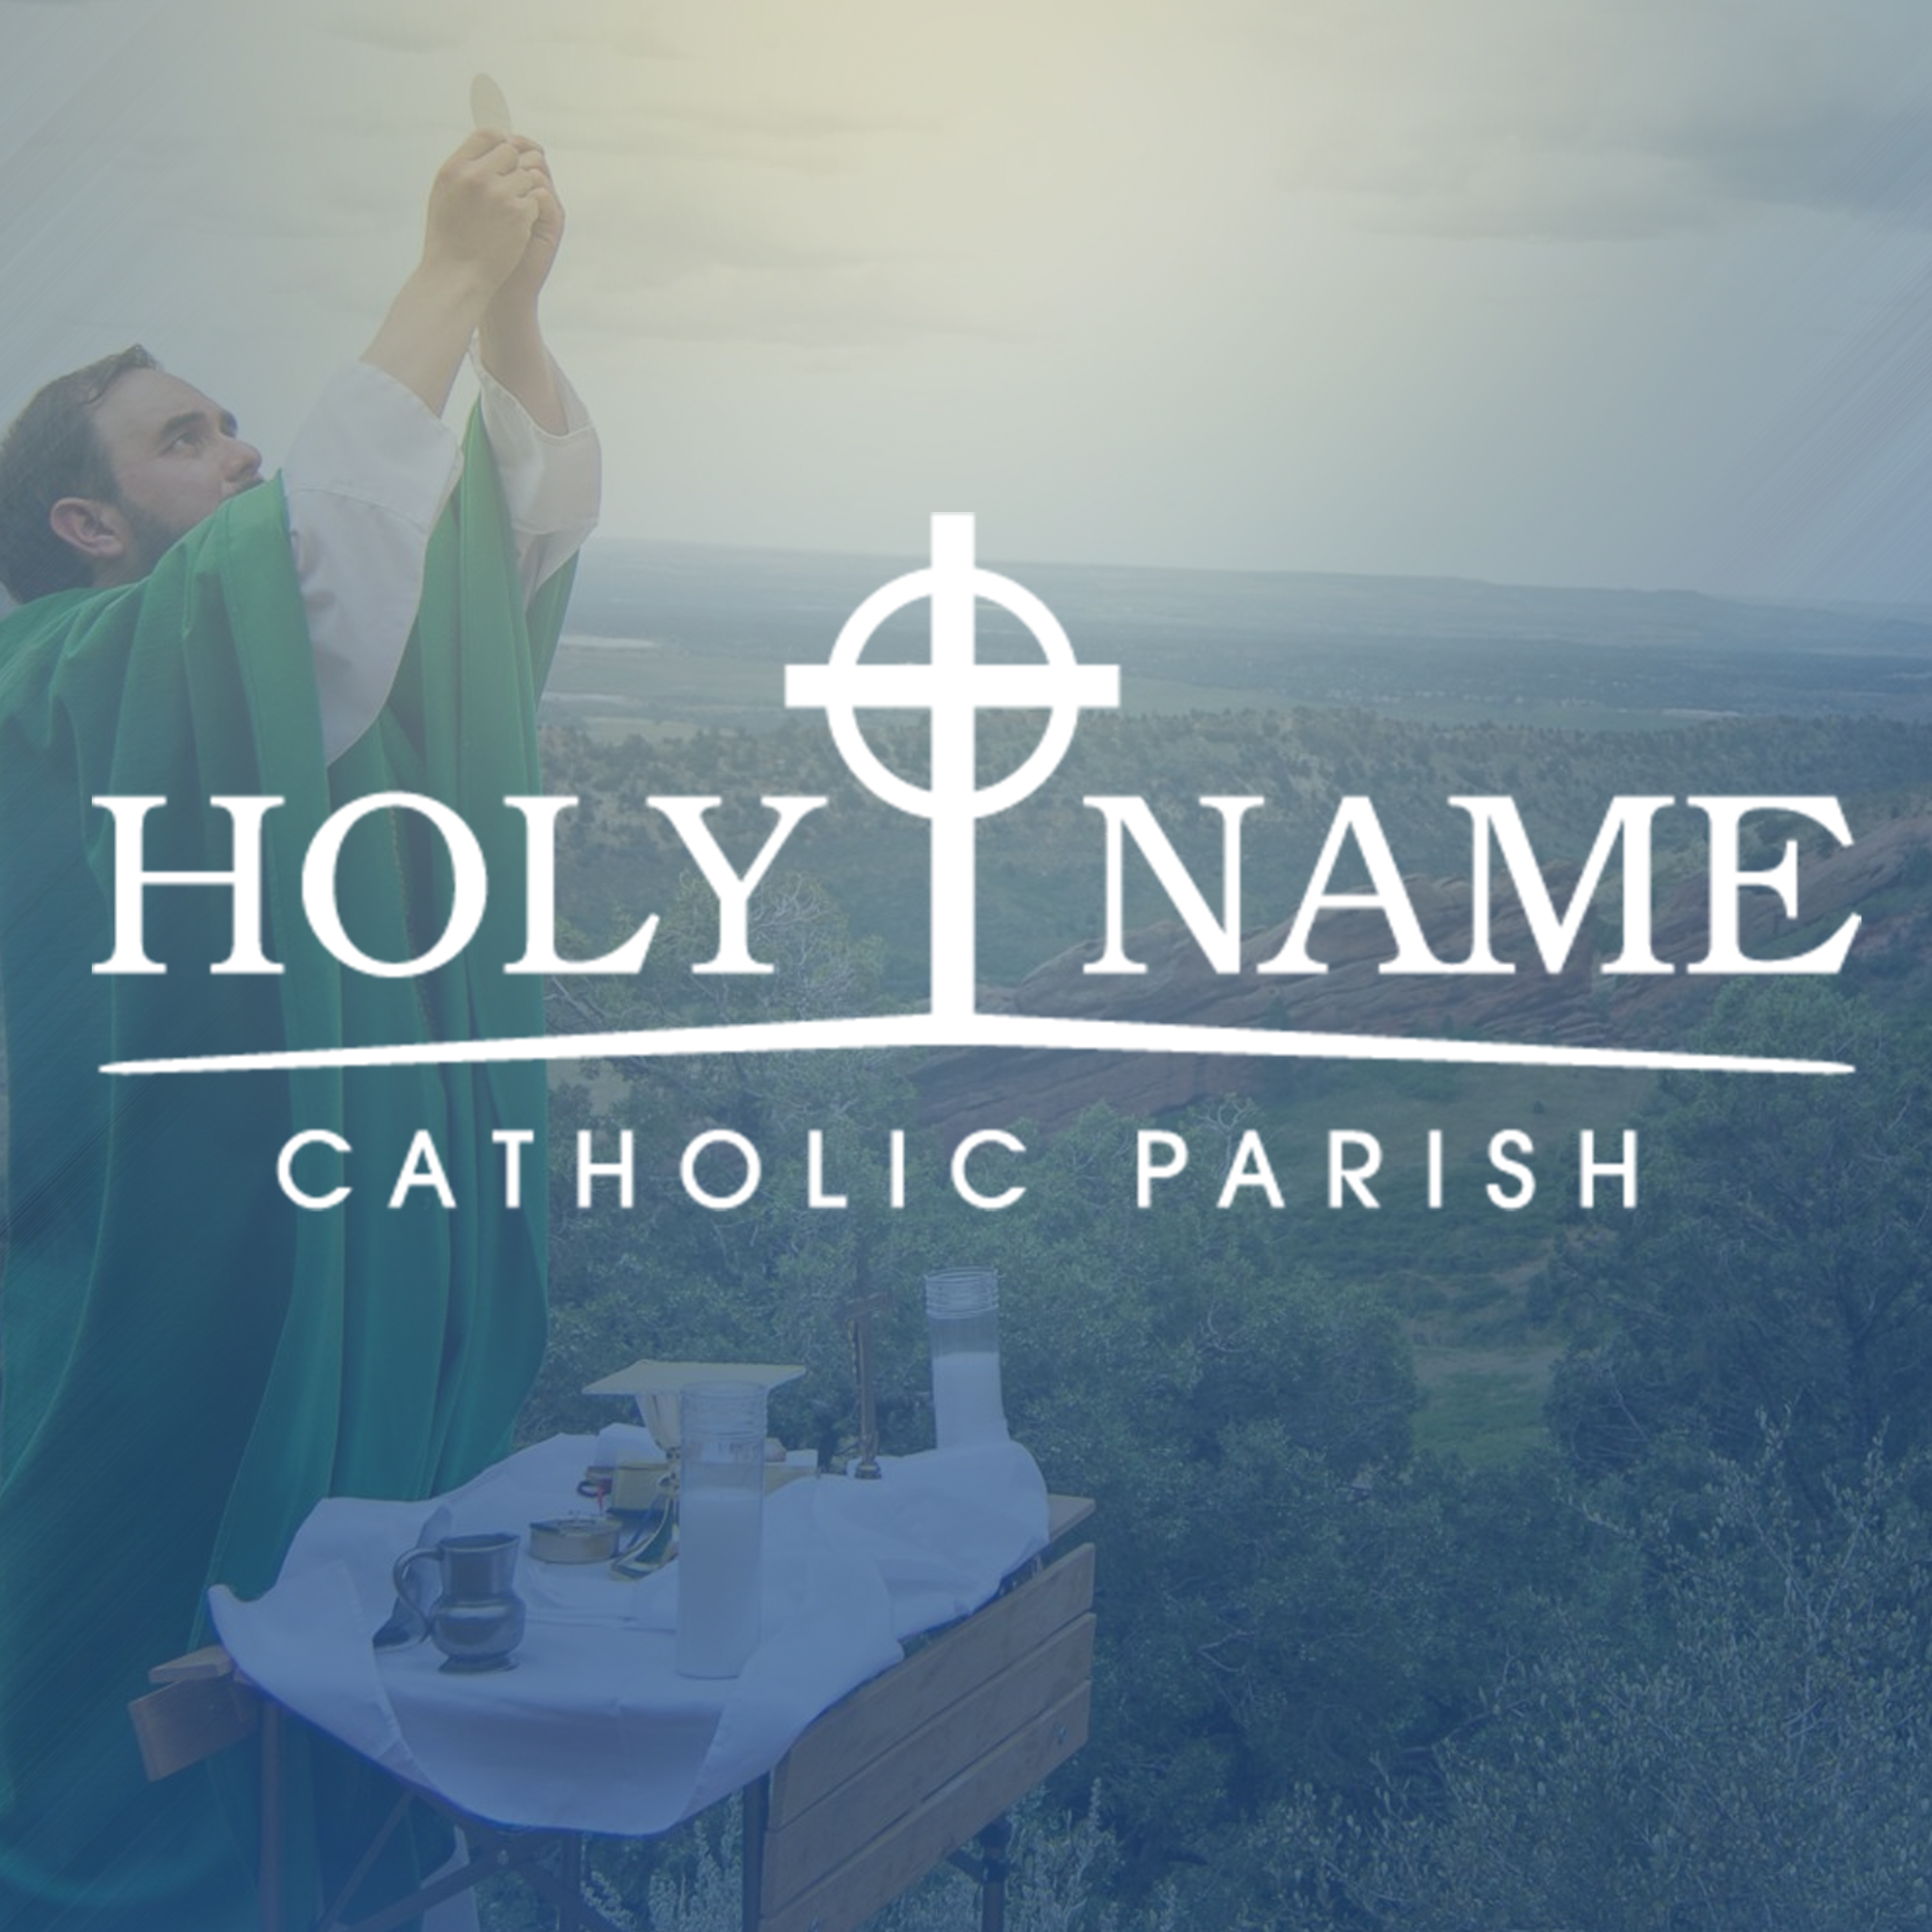 Holy Name Catholic Parish